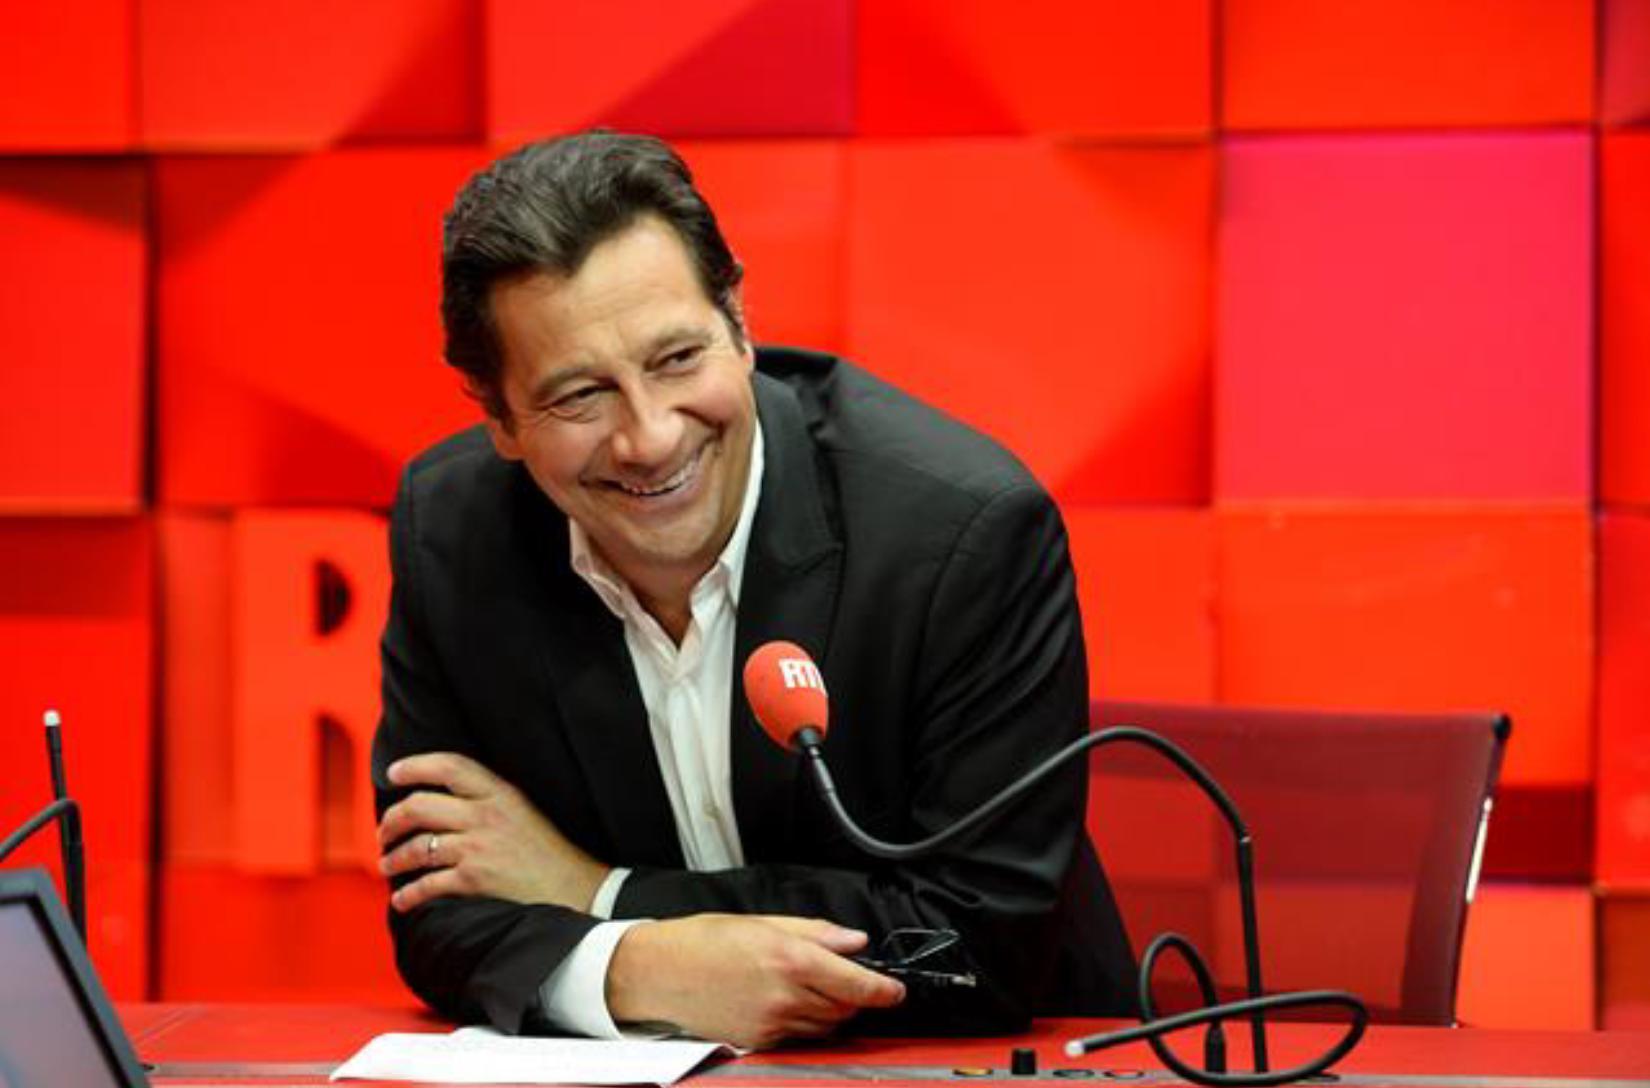 Laurent Gerra officie depuis 2007 sur RTL © Elodie Grégoire / SIPA Press